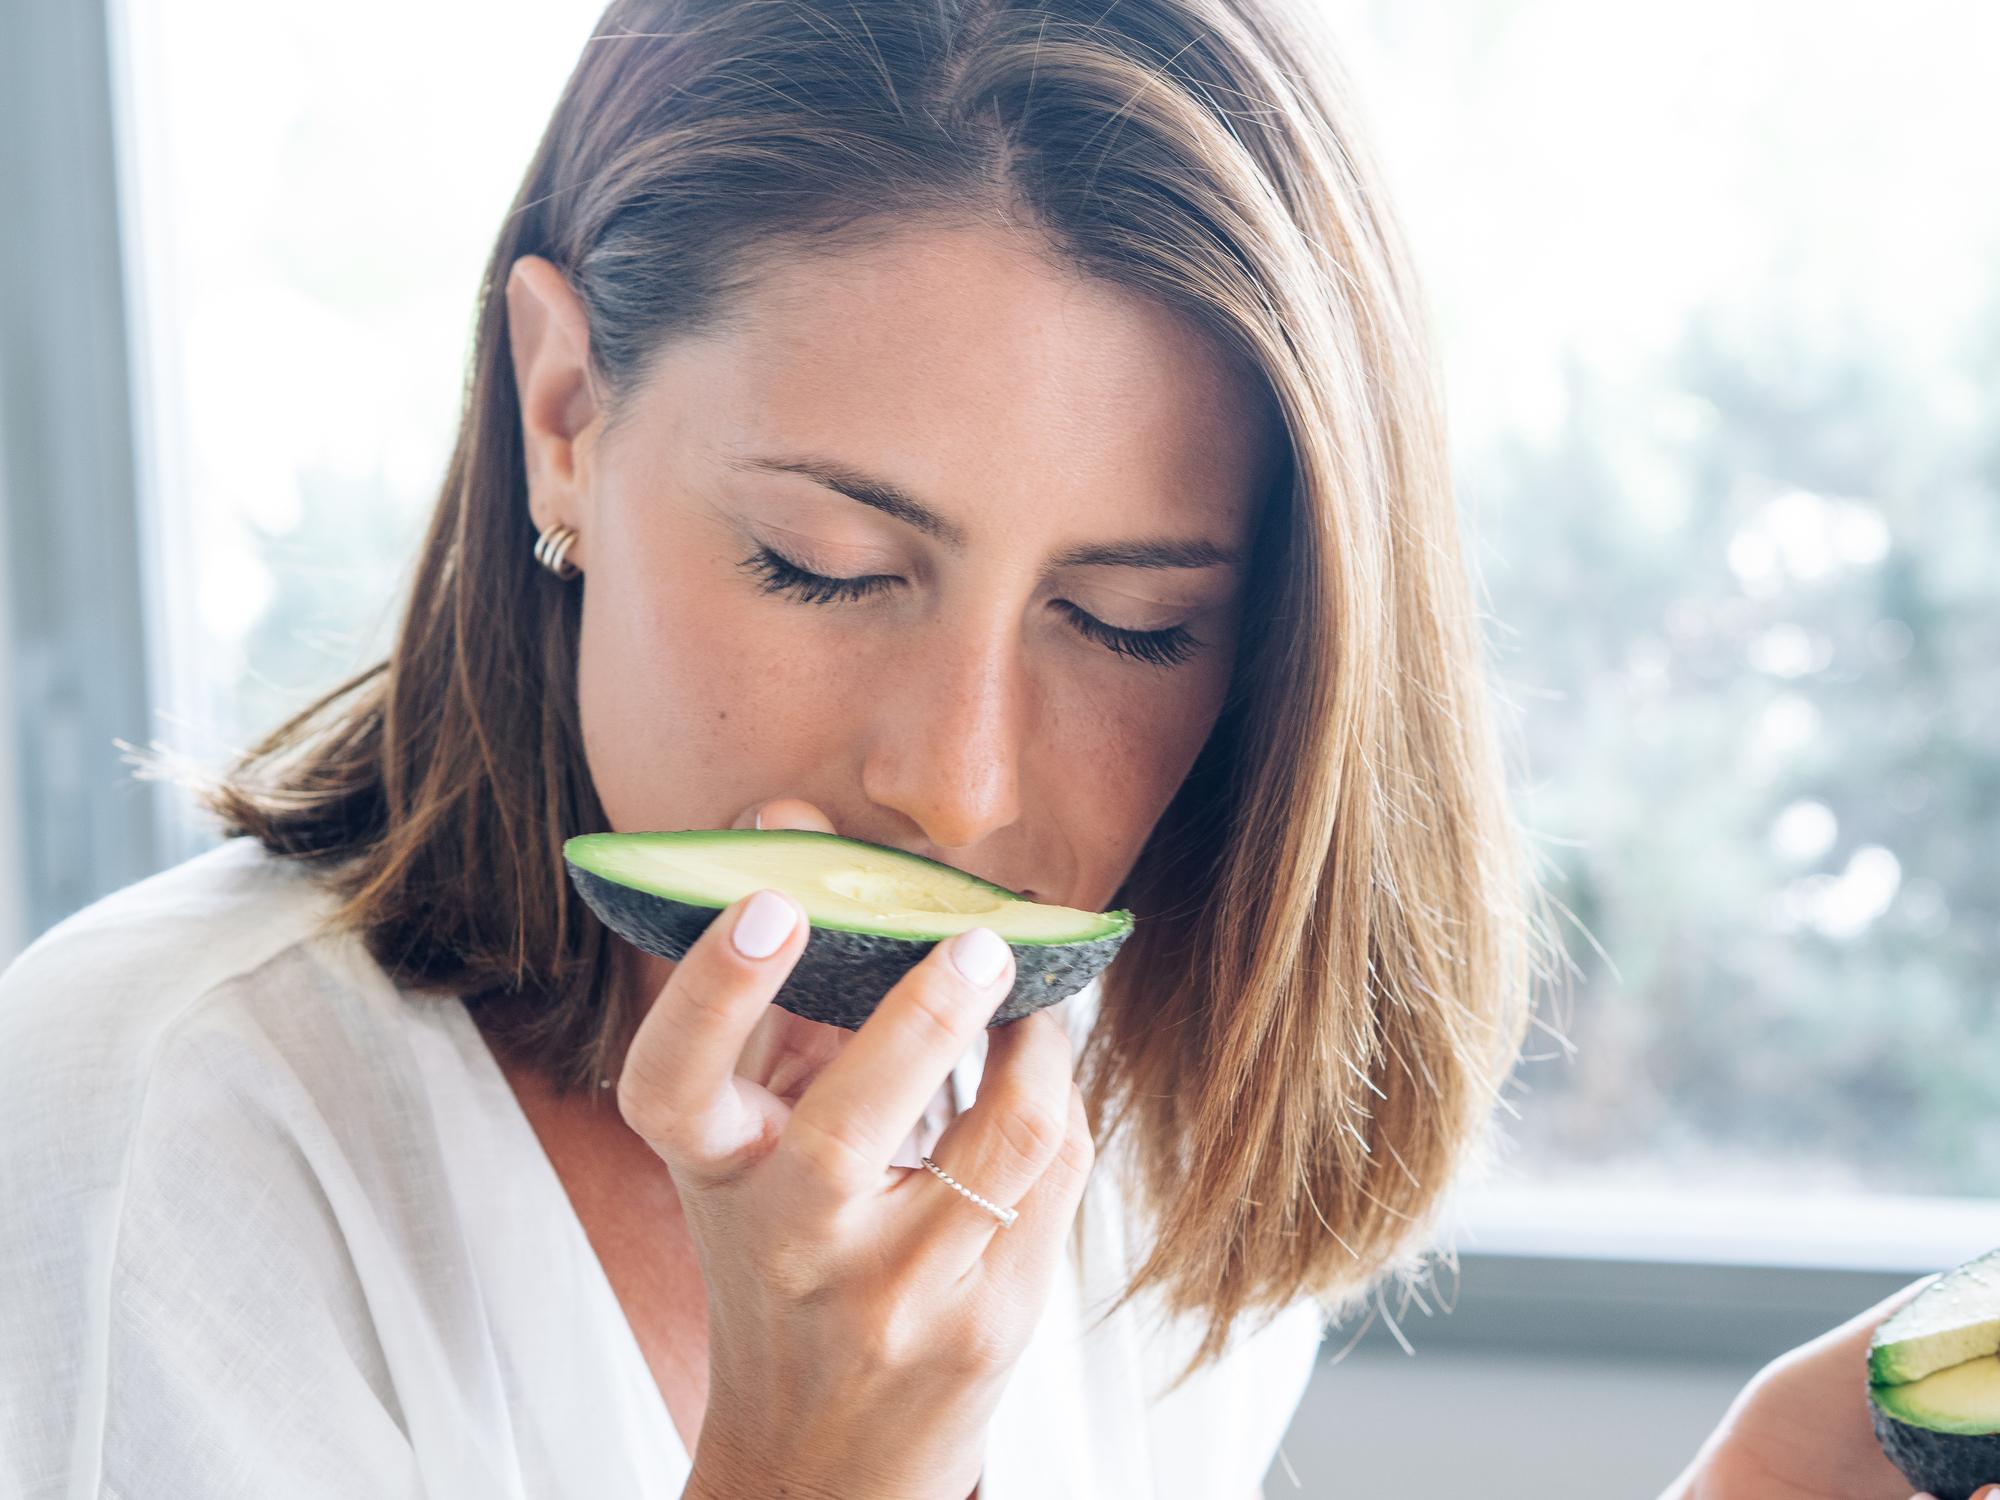 Avokado zaista može učiniti čuda za sve aspekte našeg zdravlja i zato zaslužuje svoje mjesto na tanjuru.